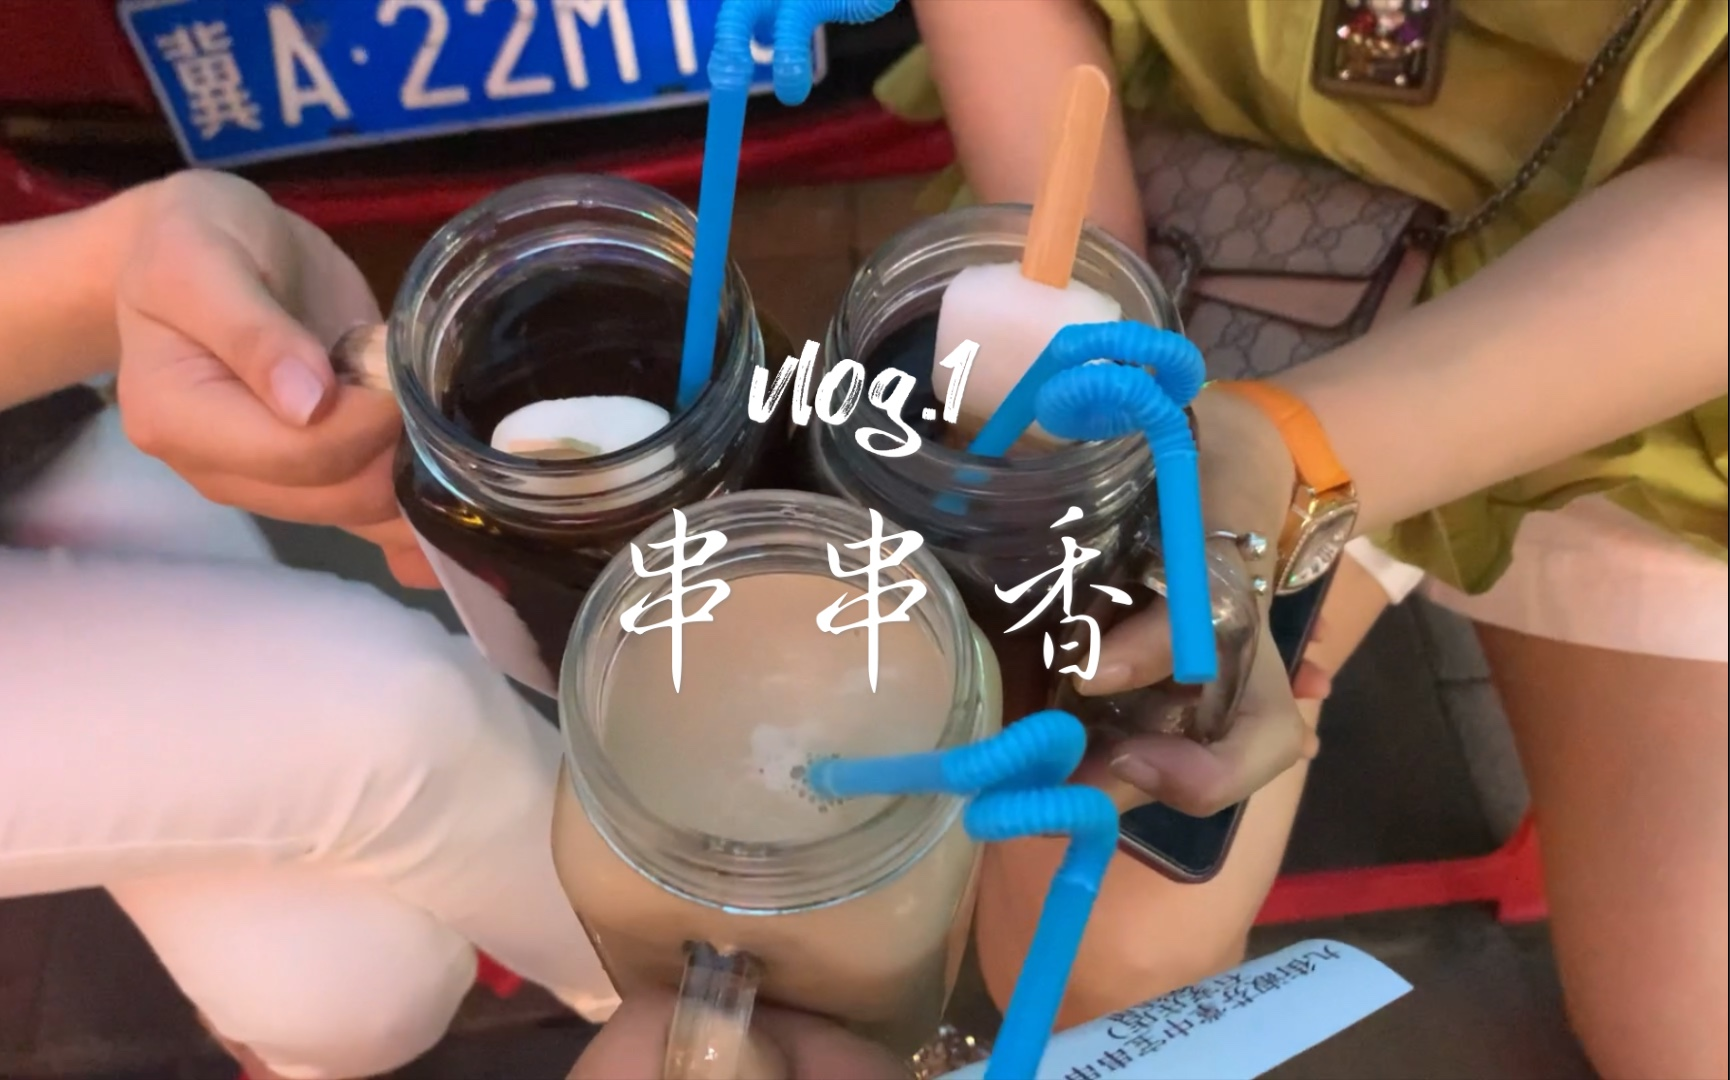 VLOG 炎炎夏日 冰冰凉的饮料配上串串~